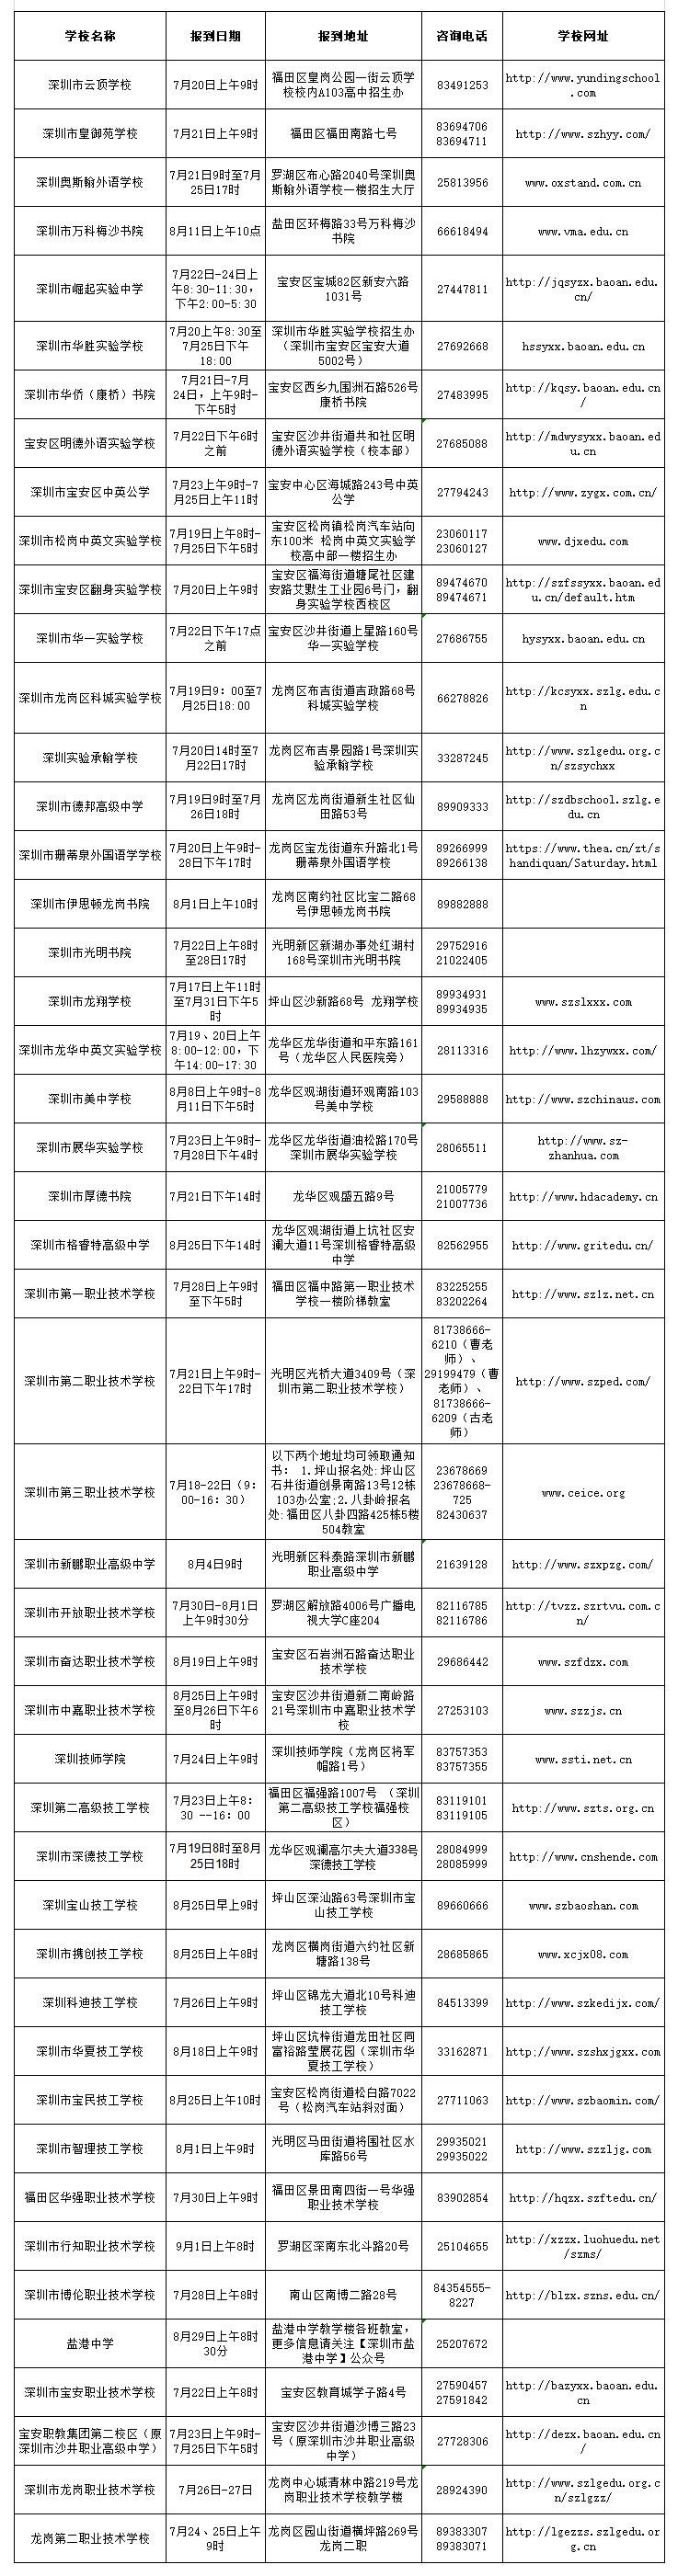 深圳市2018年中招第二批录取学校高一新生报到信息